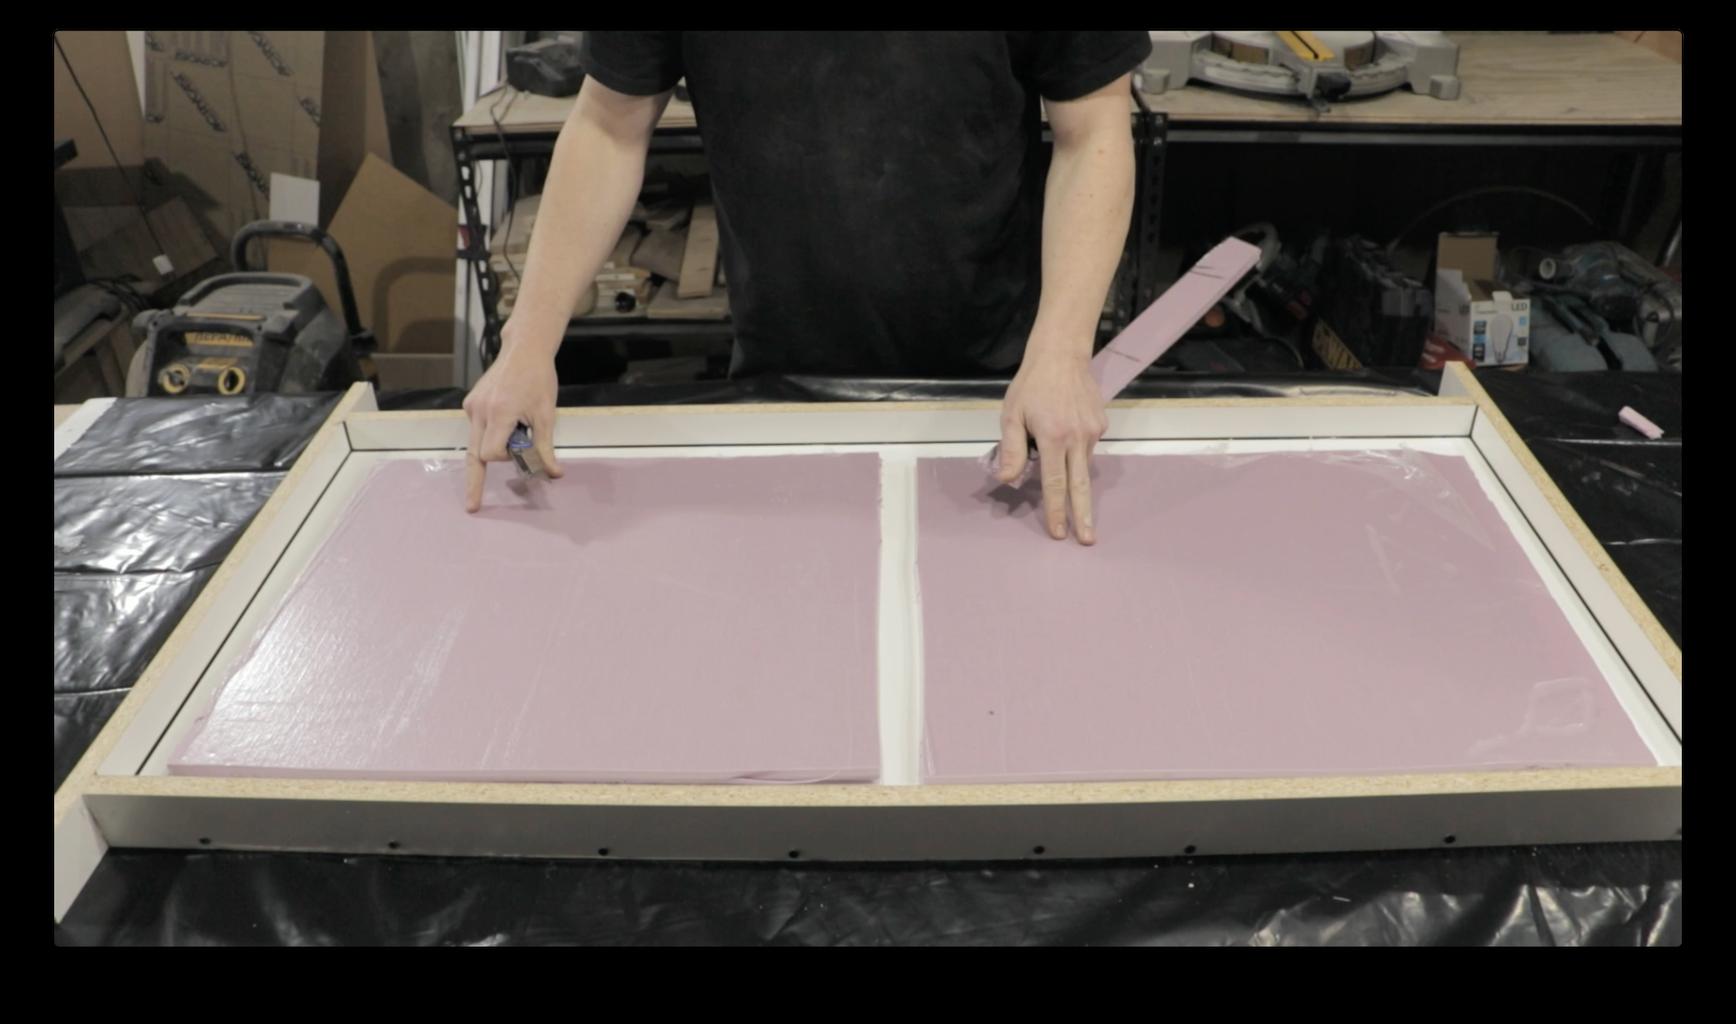 Cut Foam Inserts for the Concrete